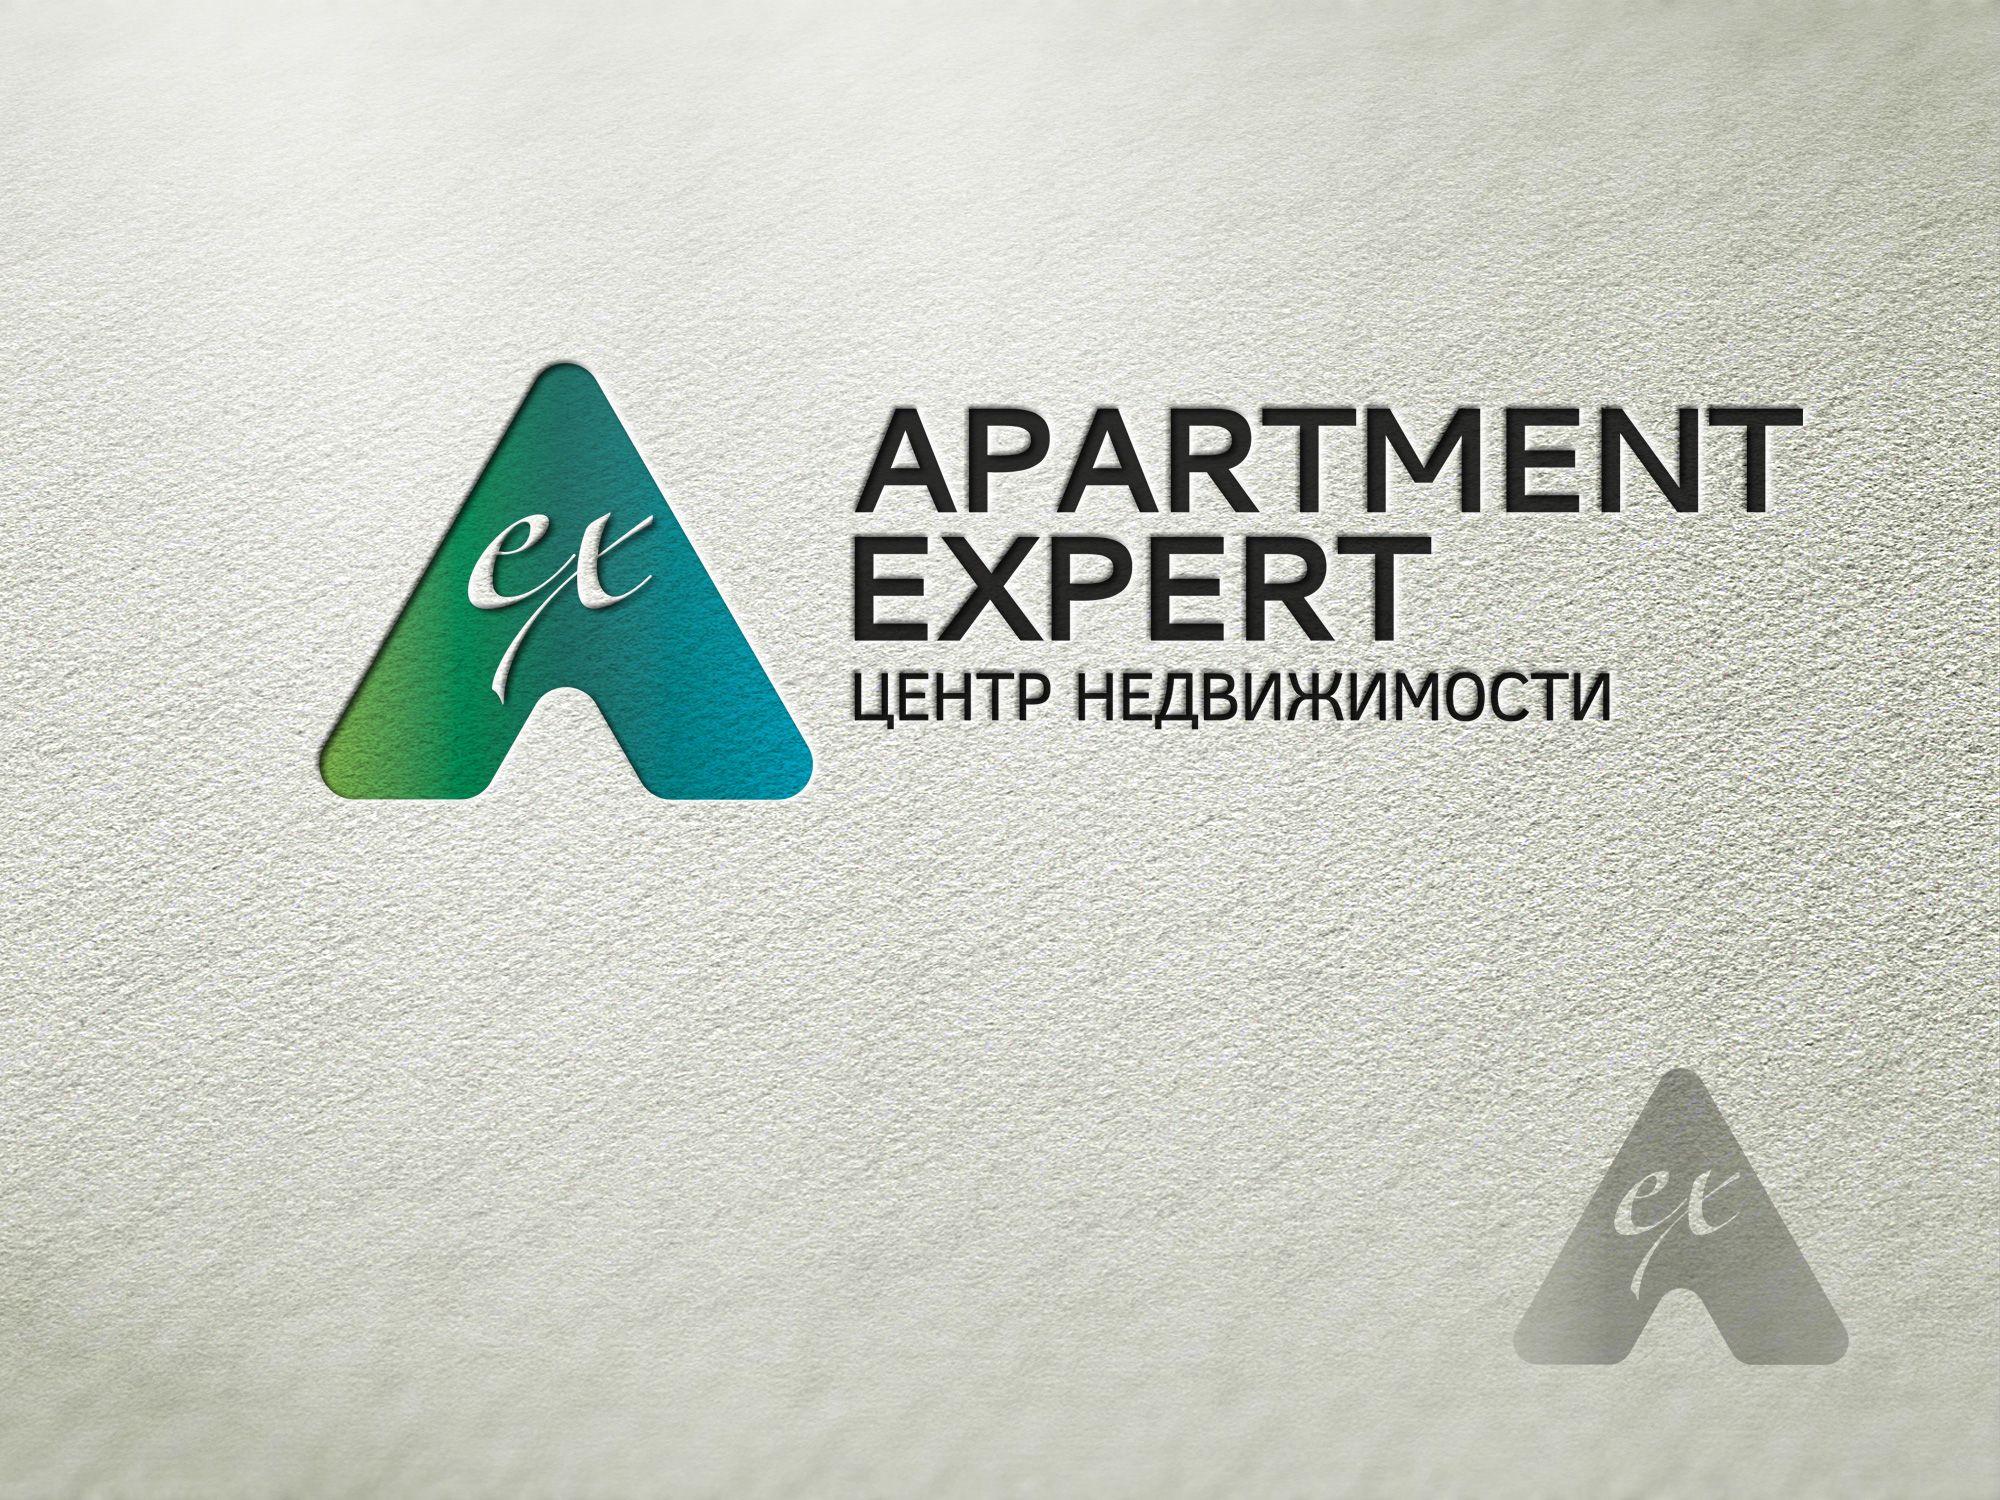 Логотип для APARTMENT EXPERT - ЦЕНТР НЕДВИЖИМОСТИ - дизайнер bobrofanton